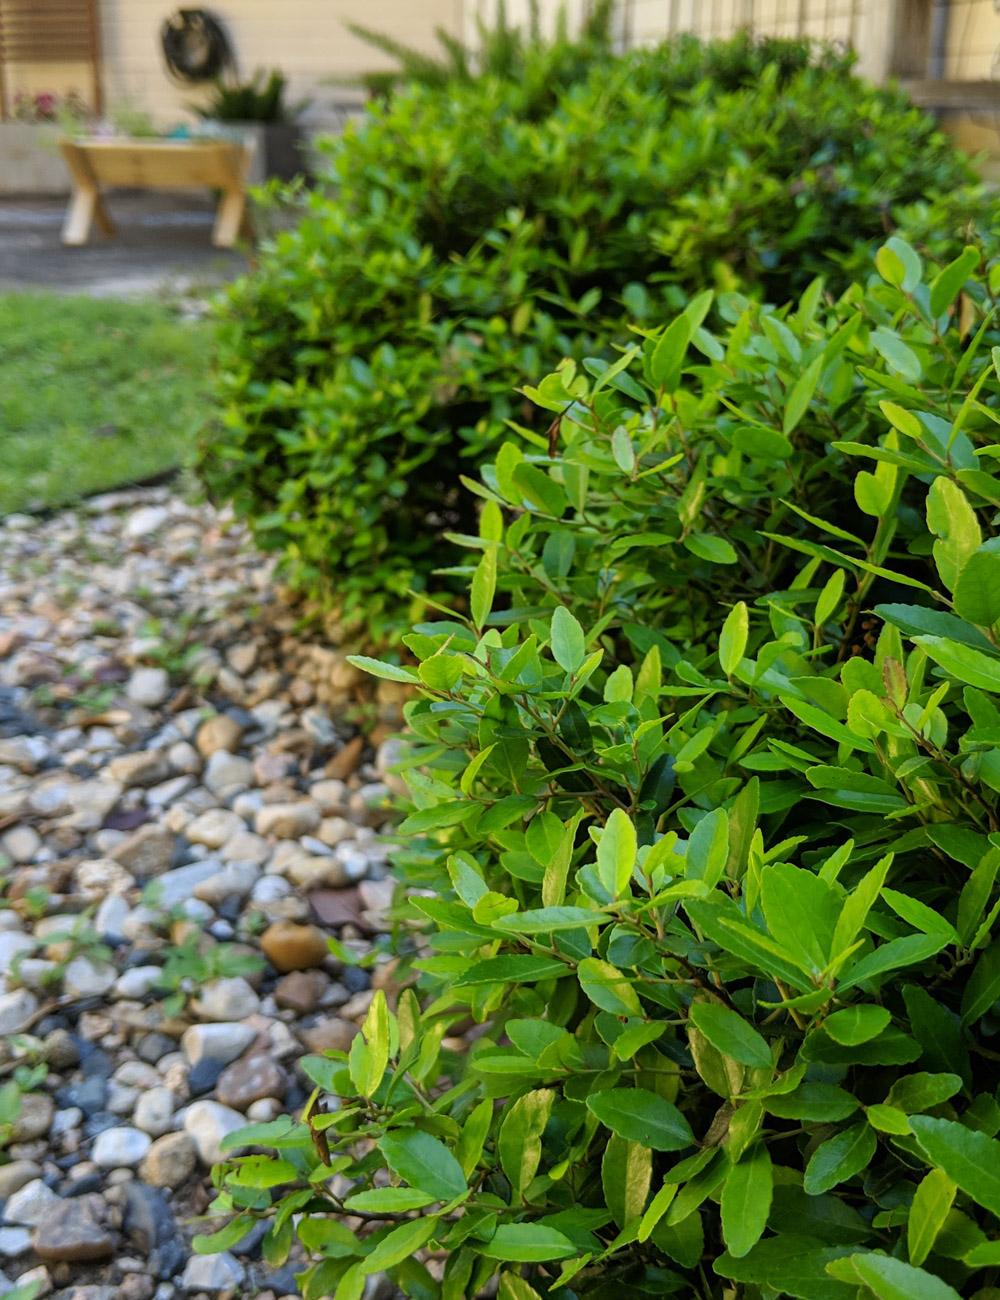 Dwarf-yaupon-adds-greenery